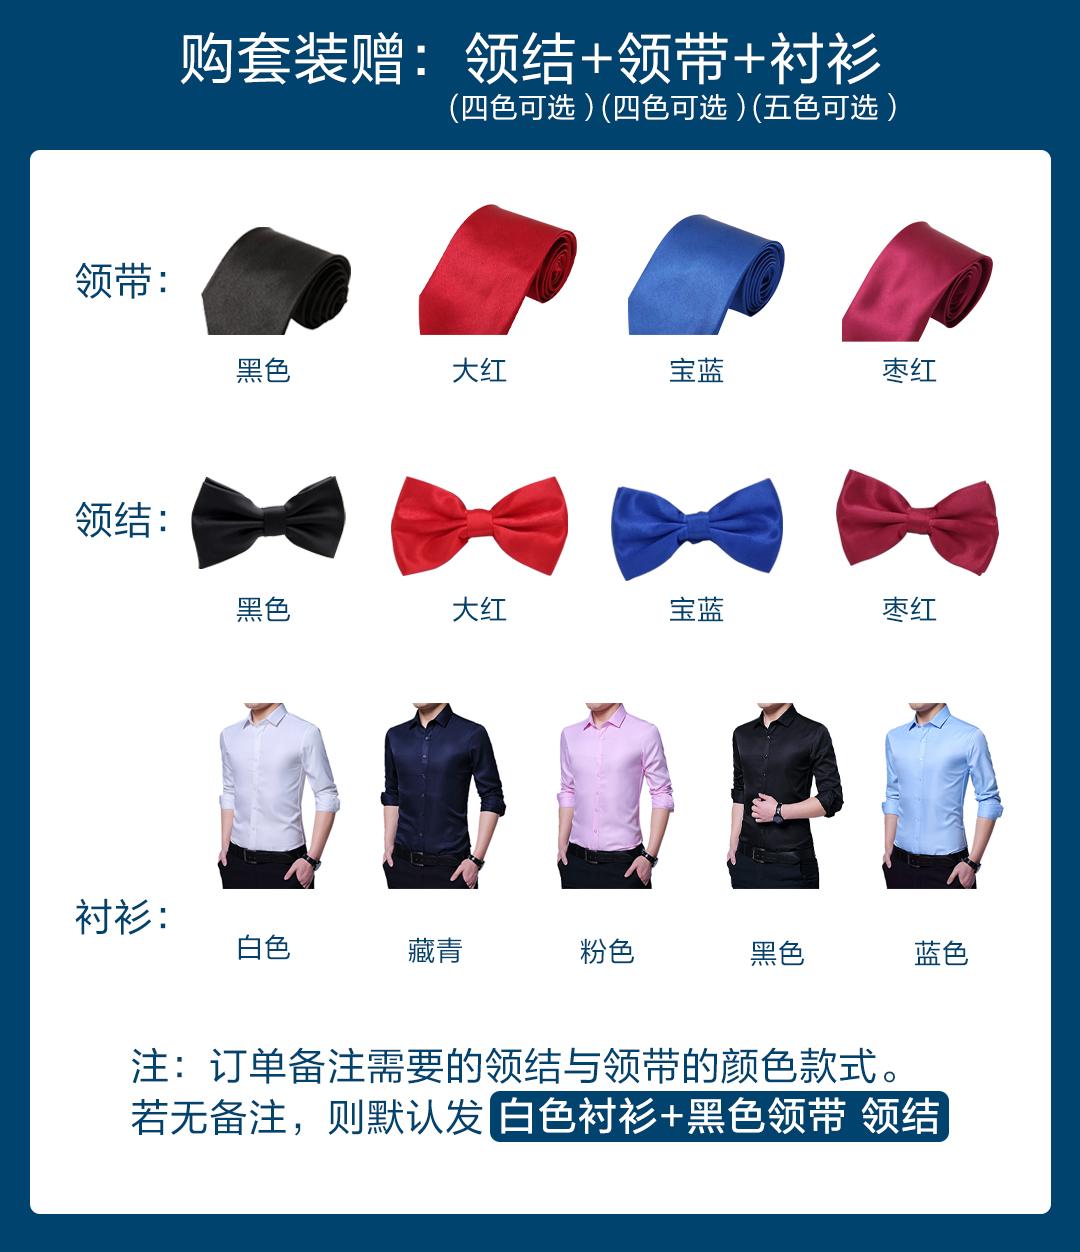 【送衬衫领带领结】黑灰修身男士三件套西服套装